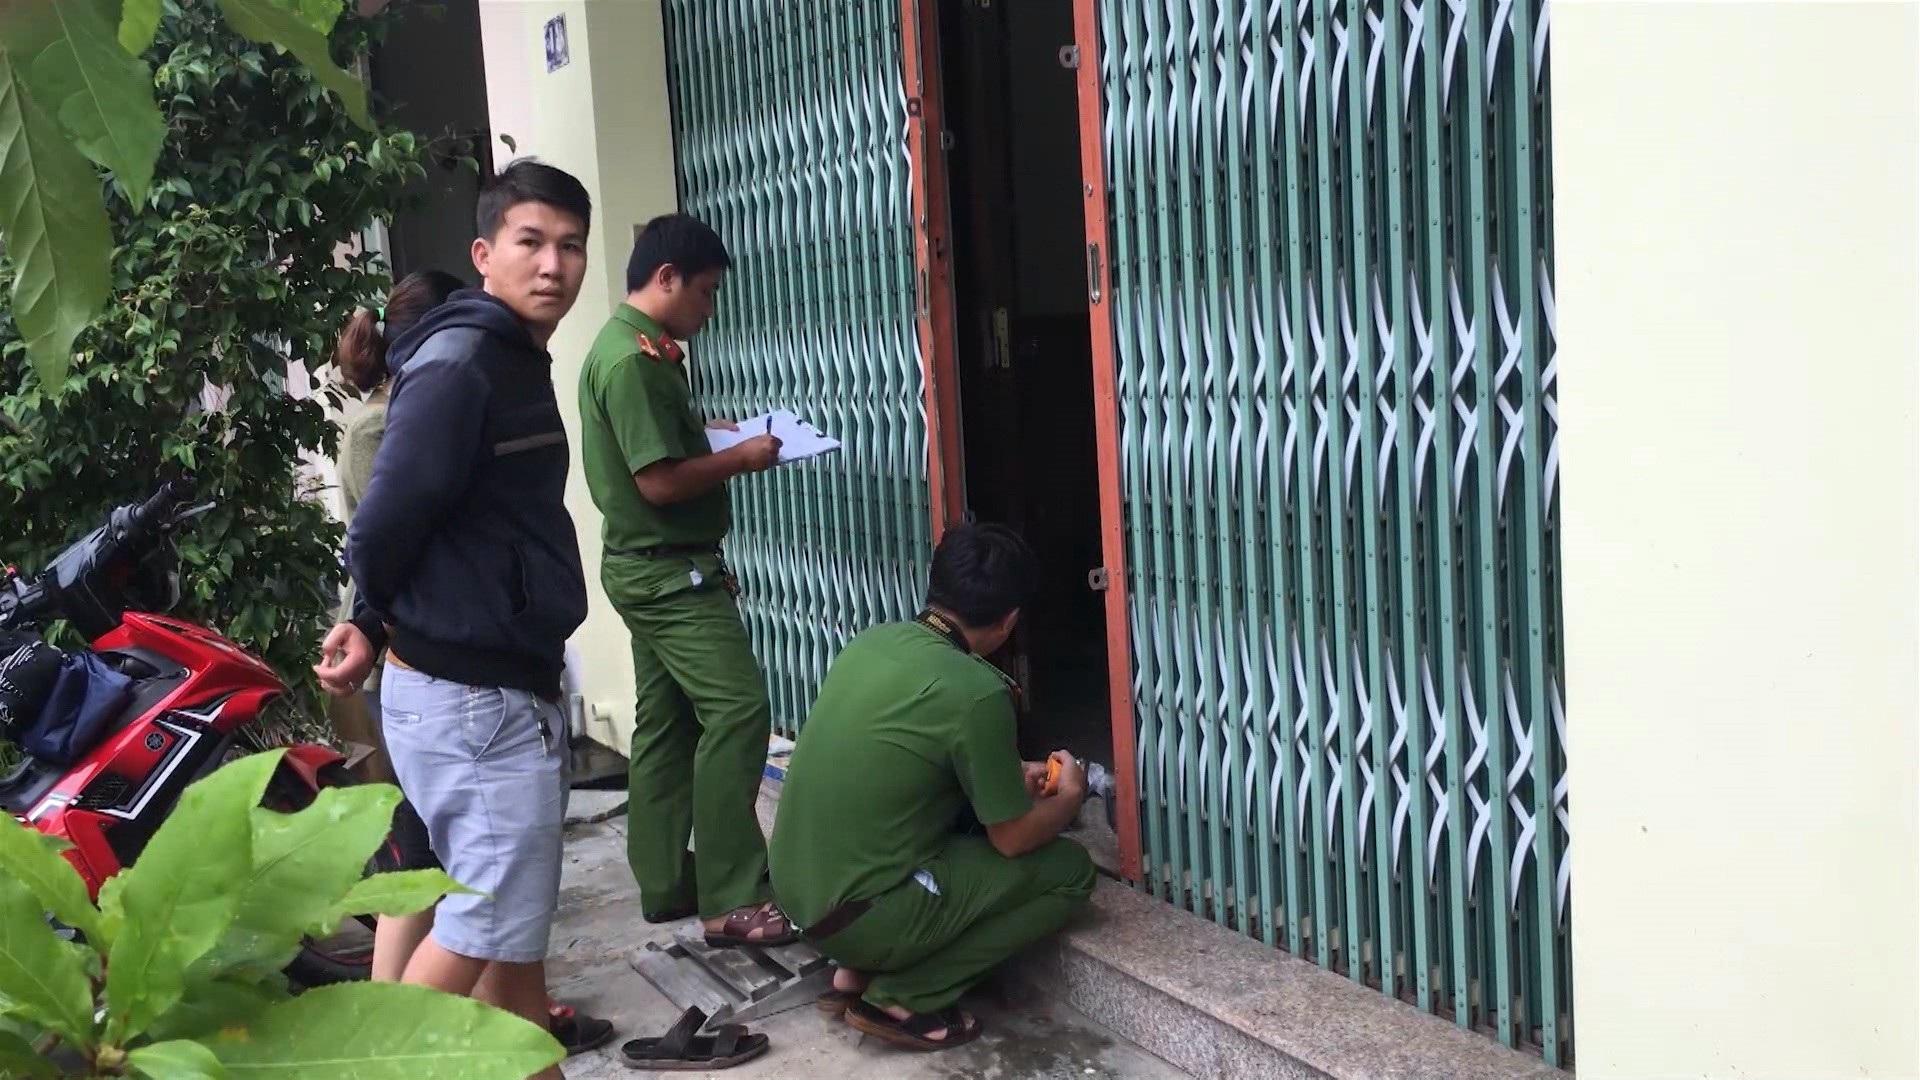 Dân hoang mang vì liên tiếp các vụ trộm phá khóa vào nhà trộm tài sản - Ảnh 3.